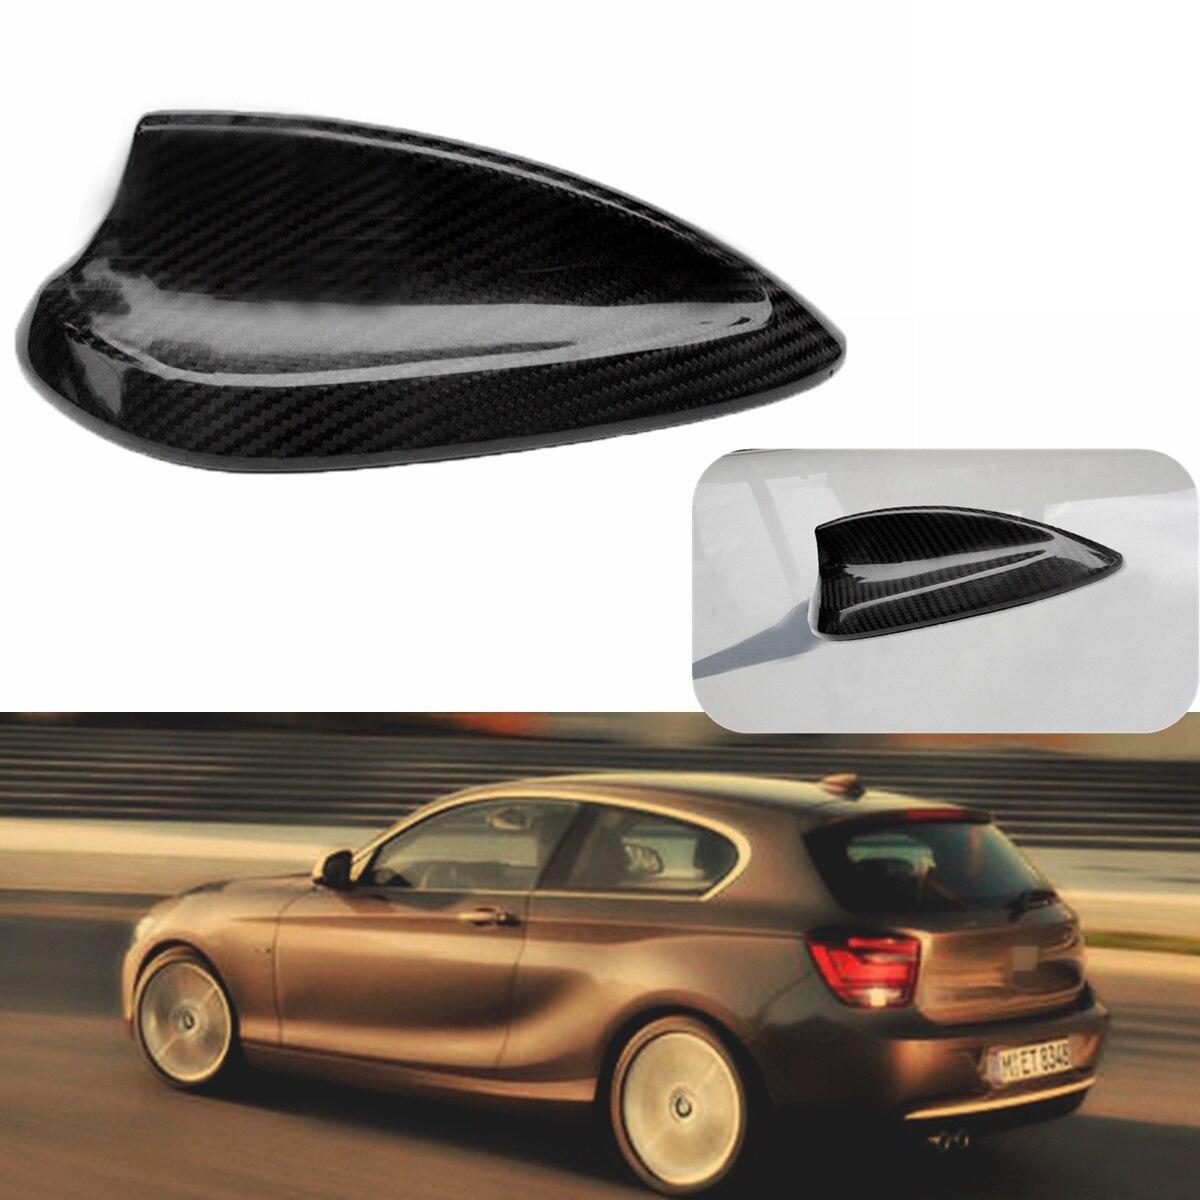 For BMW 1 2 3 4 Series F20 F22 F23 F30 F31 F32 F34 F35 F80 Universal Car Real Carbon Fiber Roof Shark Fin Aerial Antenna Sticker